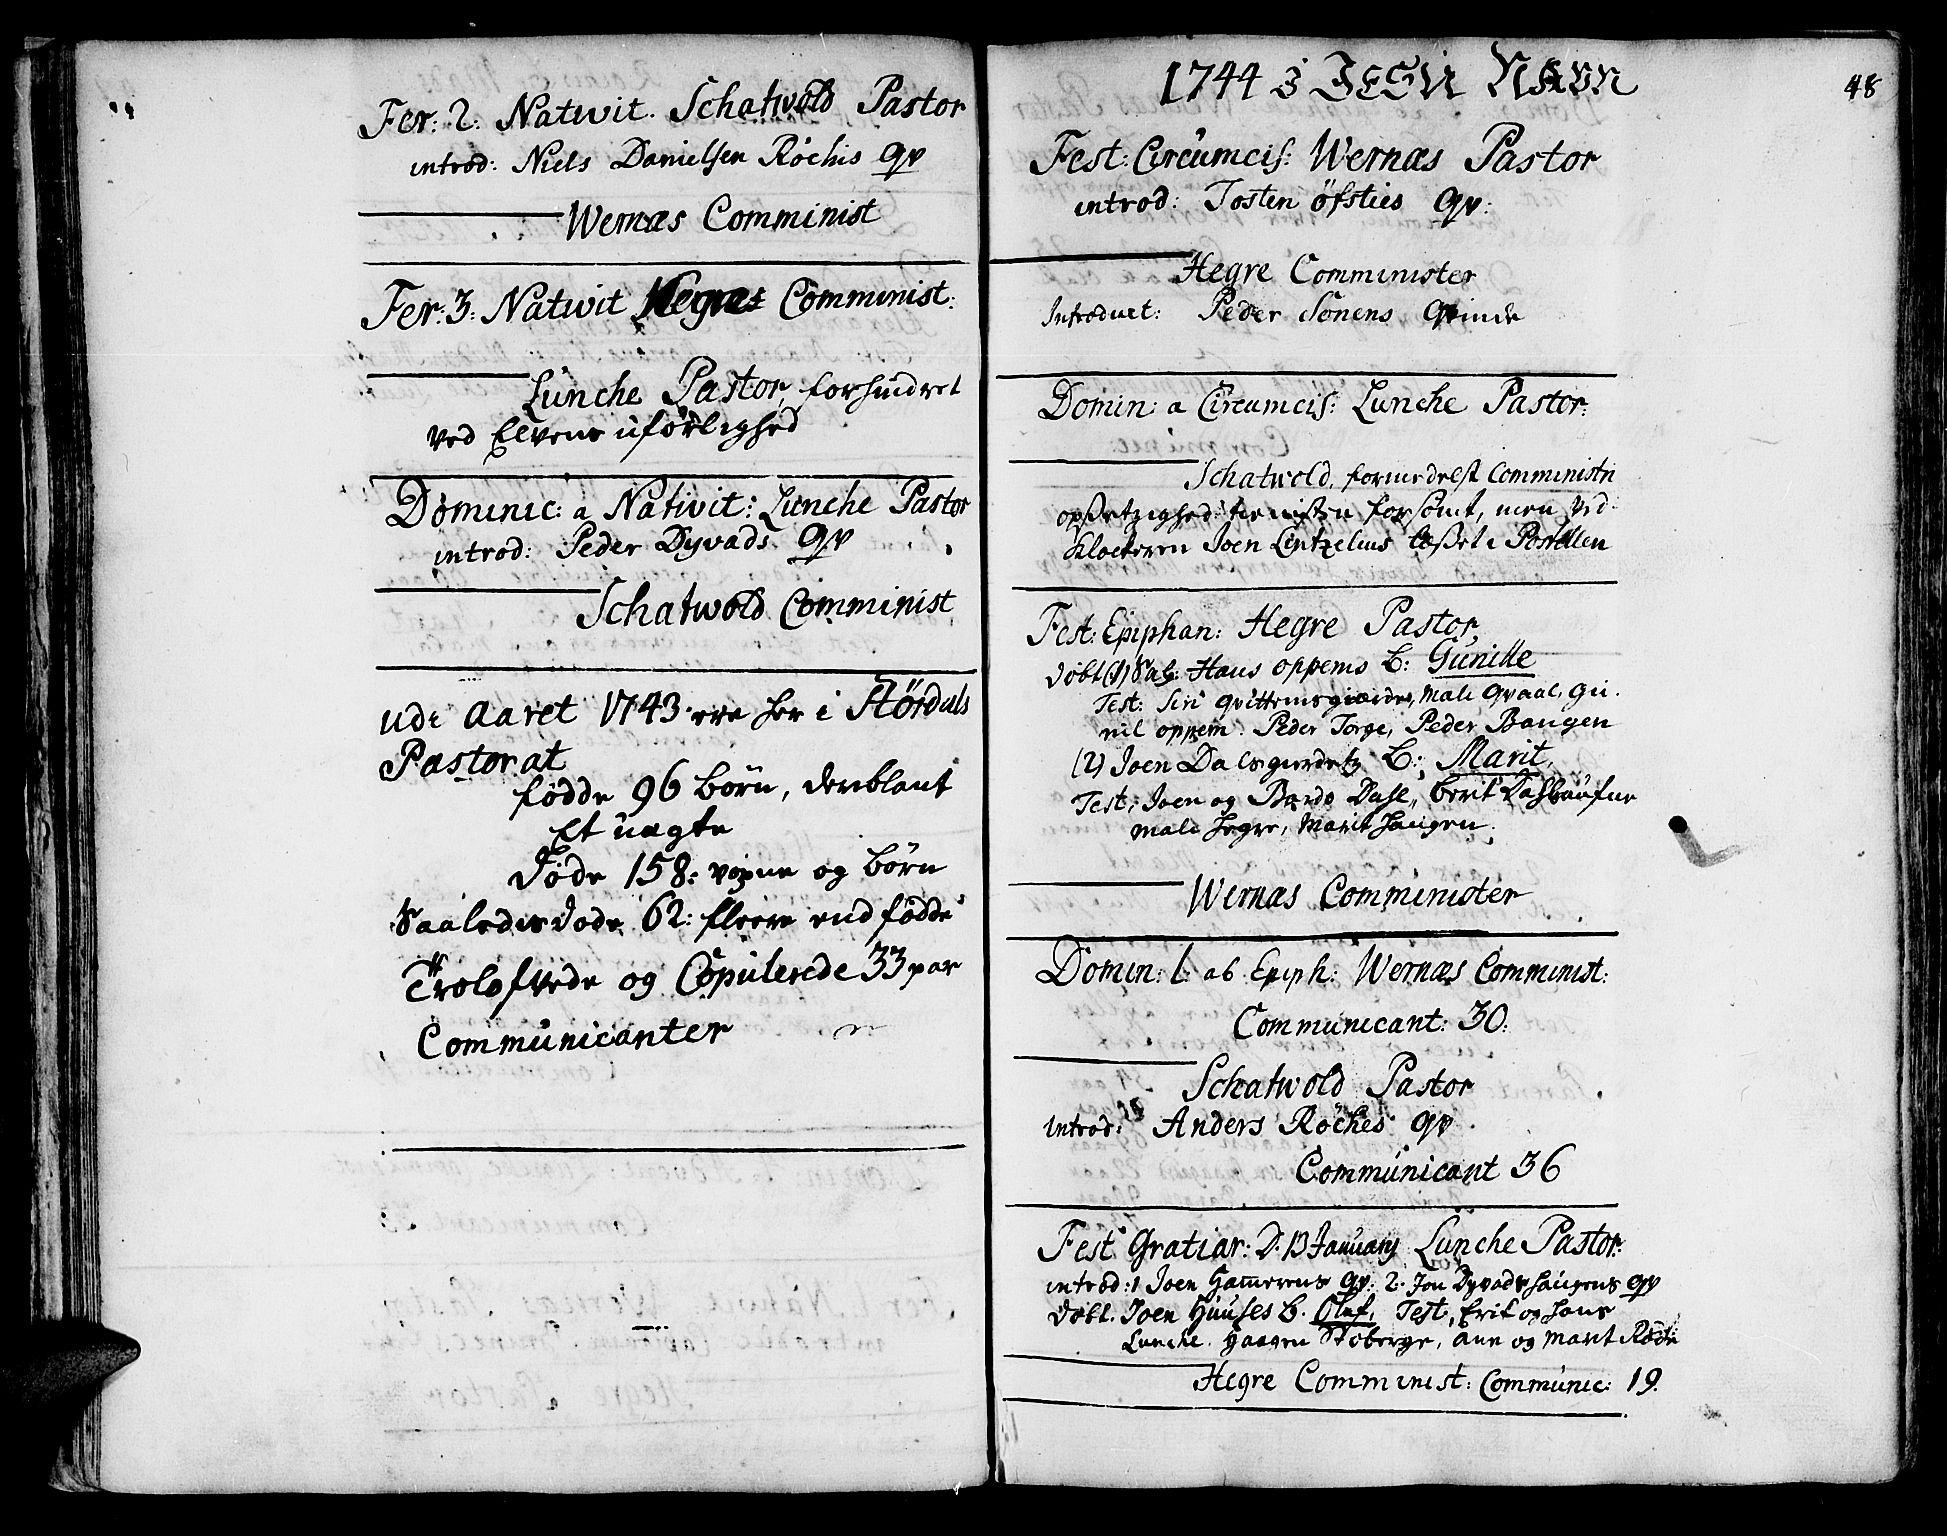 SAT, Ministerialprotokoller, klokkerbøker og fødselsregistre - Nord-Trøndelag, 709/L0056: Ministerialbok nr. 709A04, 1740-1756, s. 48